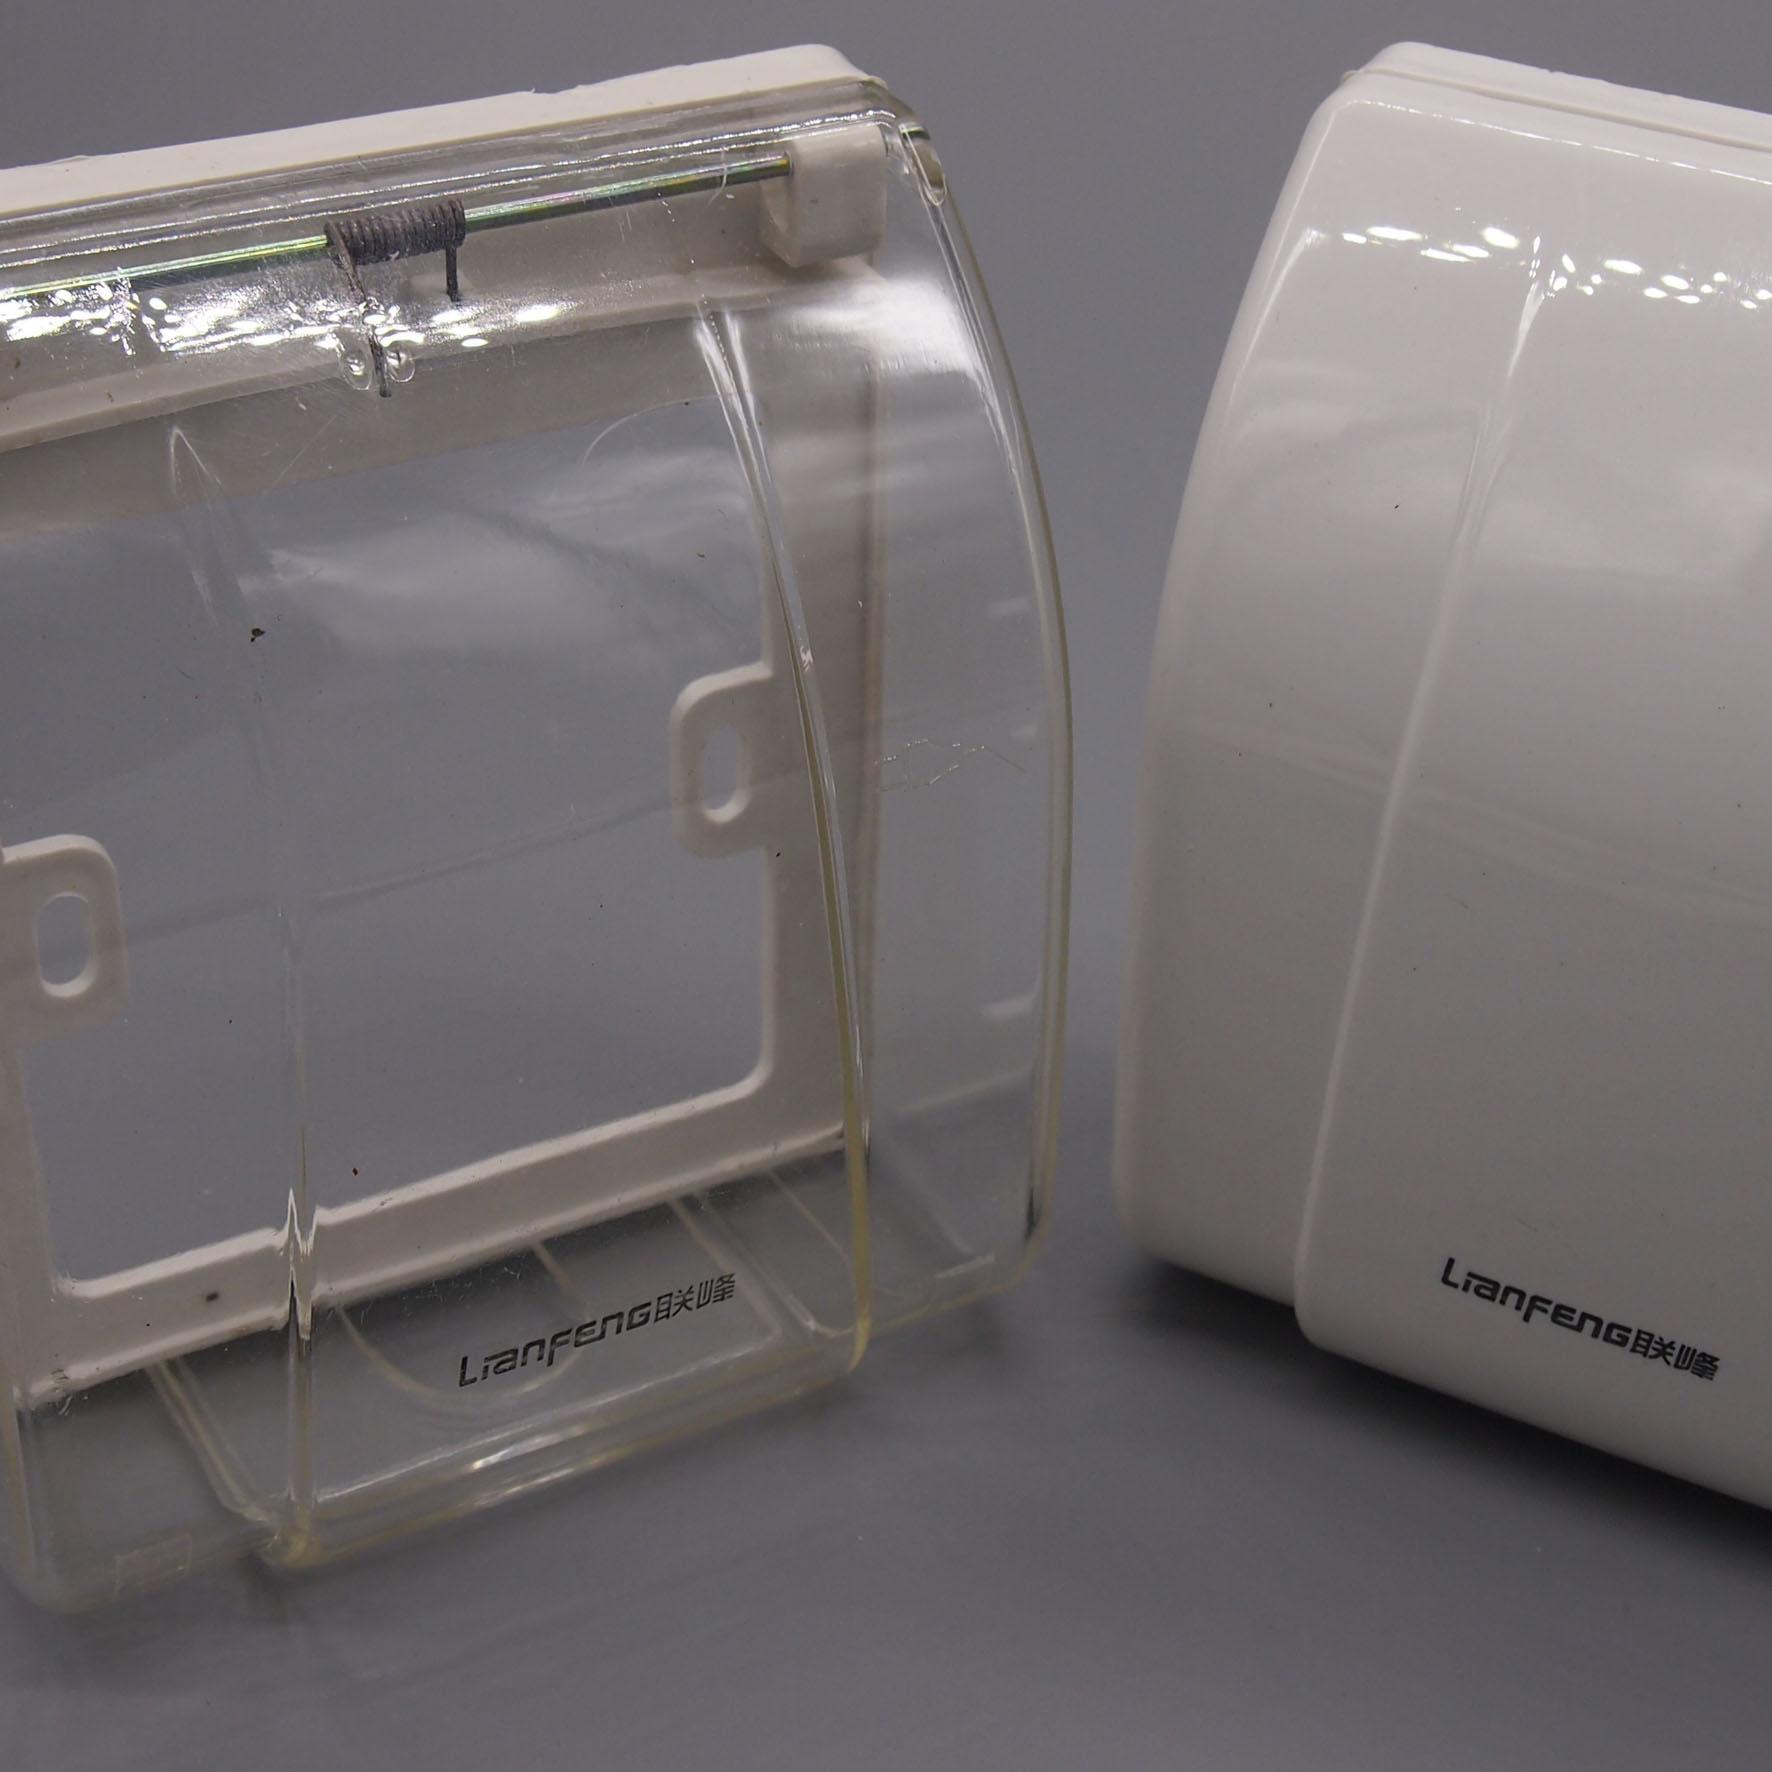 联峰防溅盒86型透明塑料防水盖防水盒防溅罩插座盒浴室墙壁